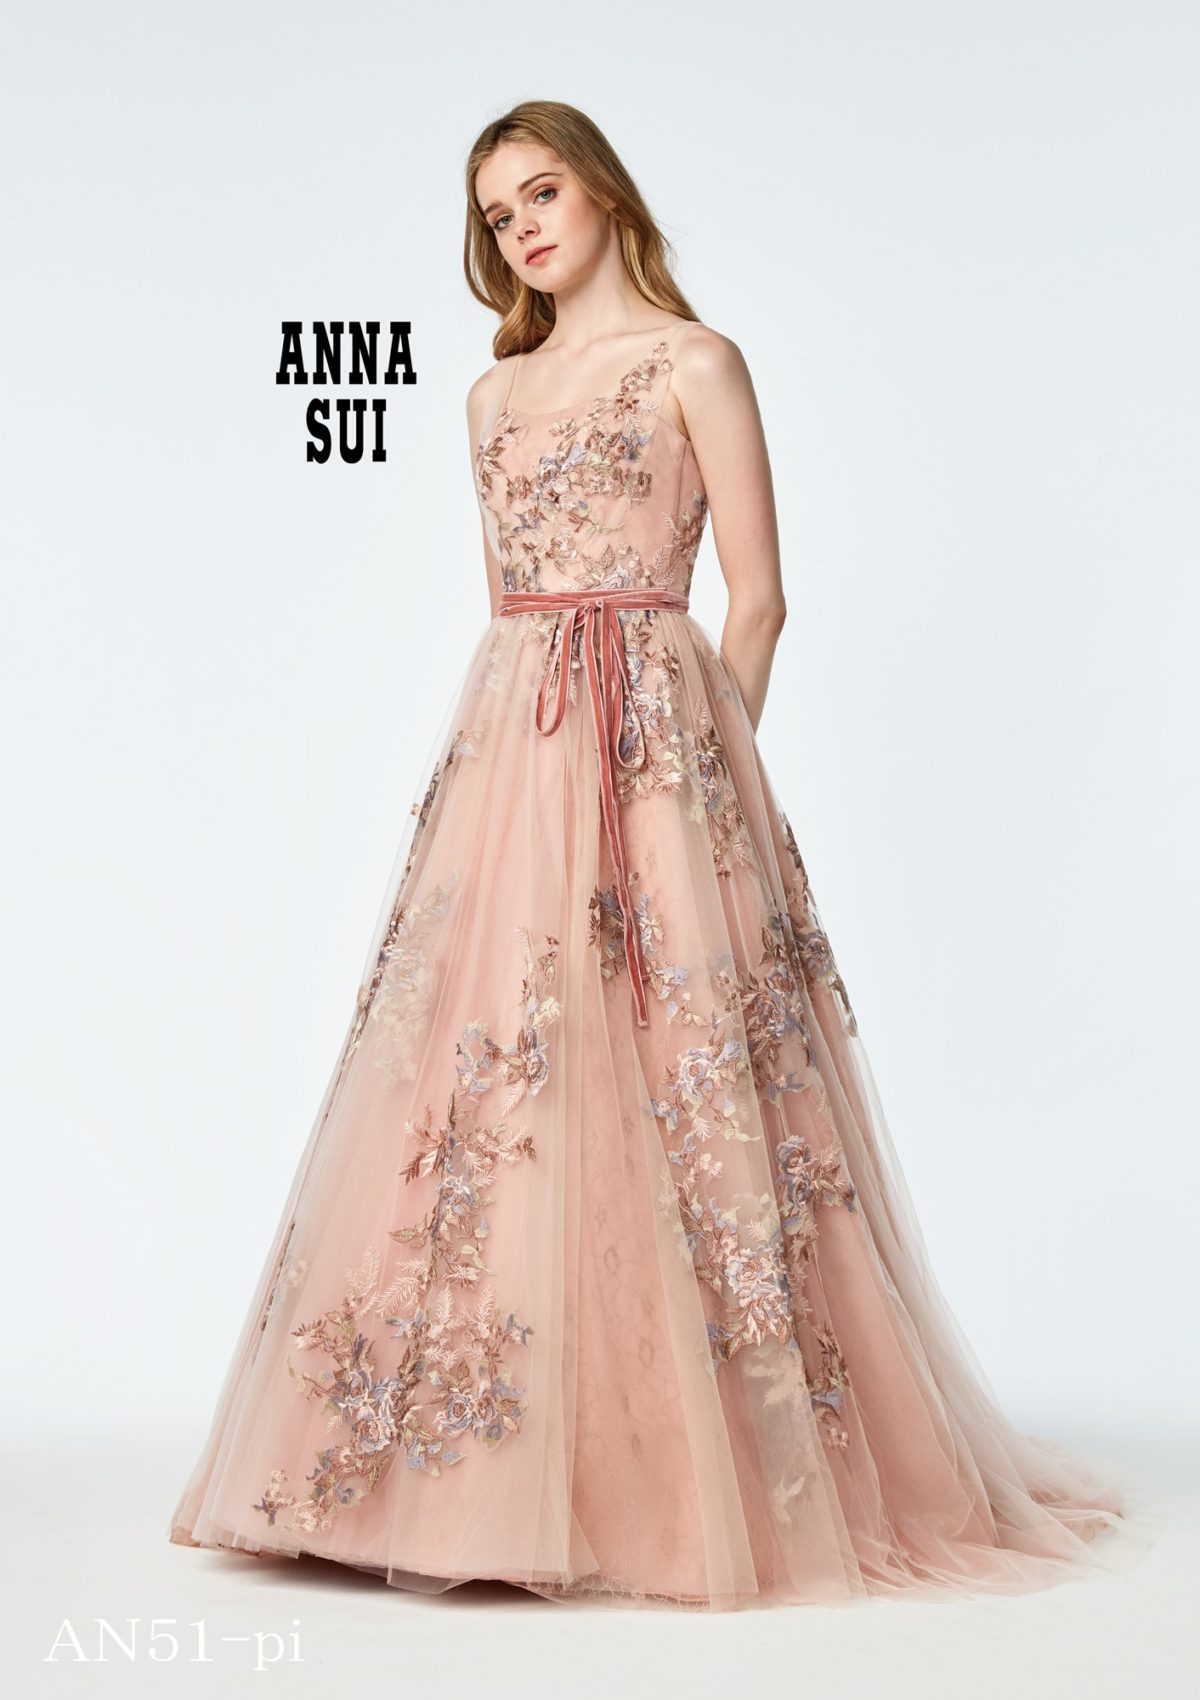 「可愛い」だけじゃない!春色ピンクドレス特集